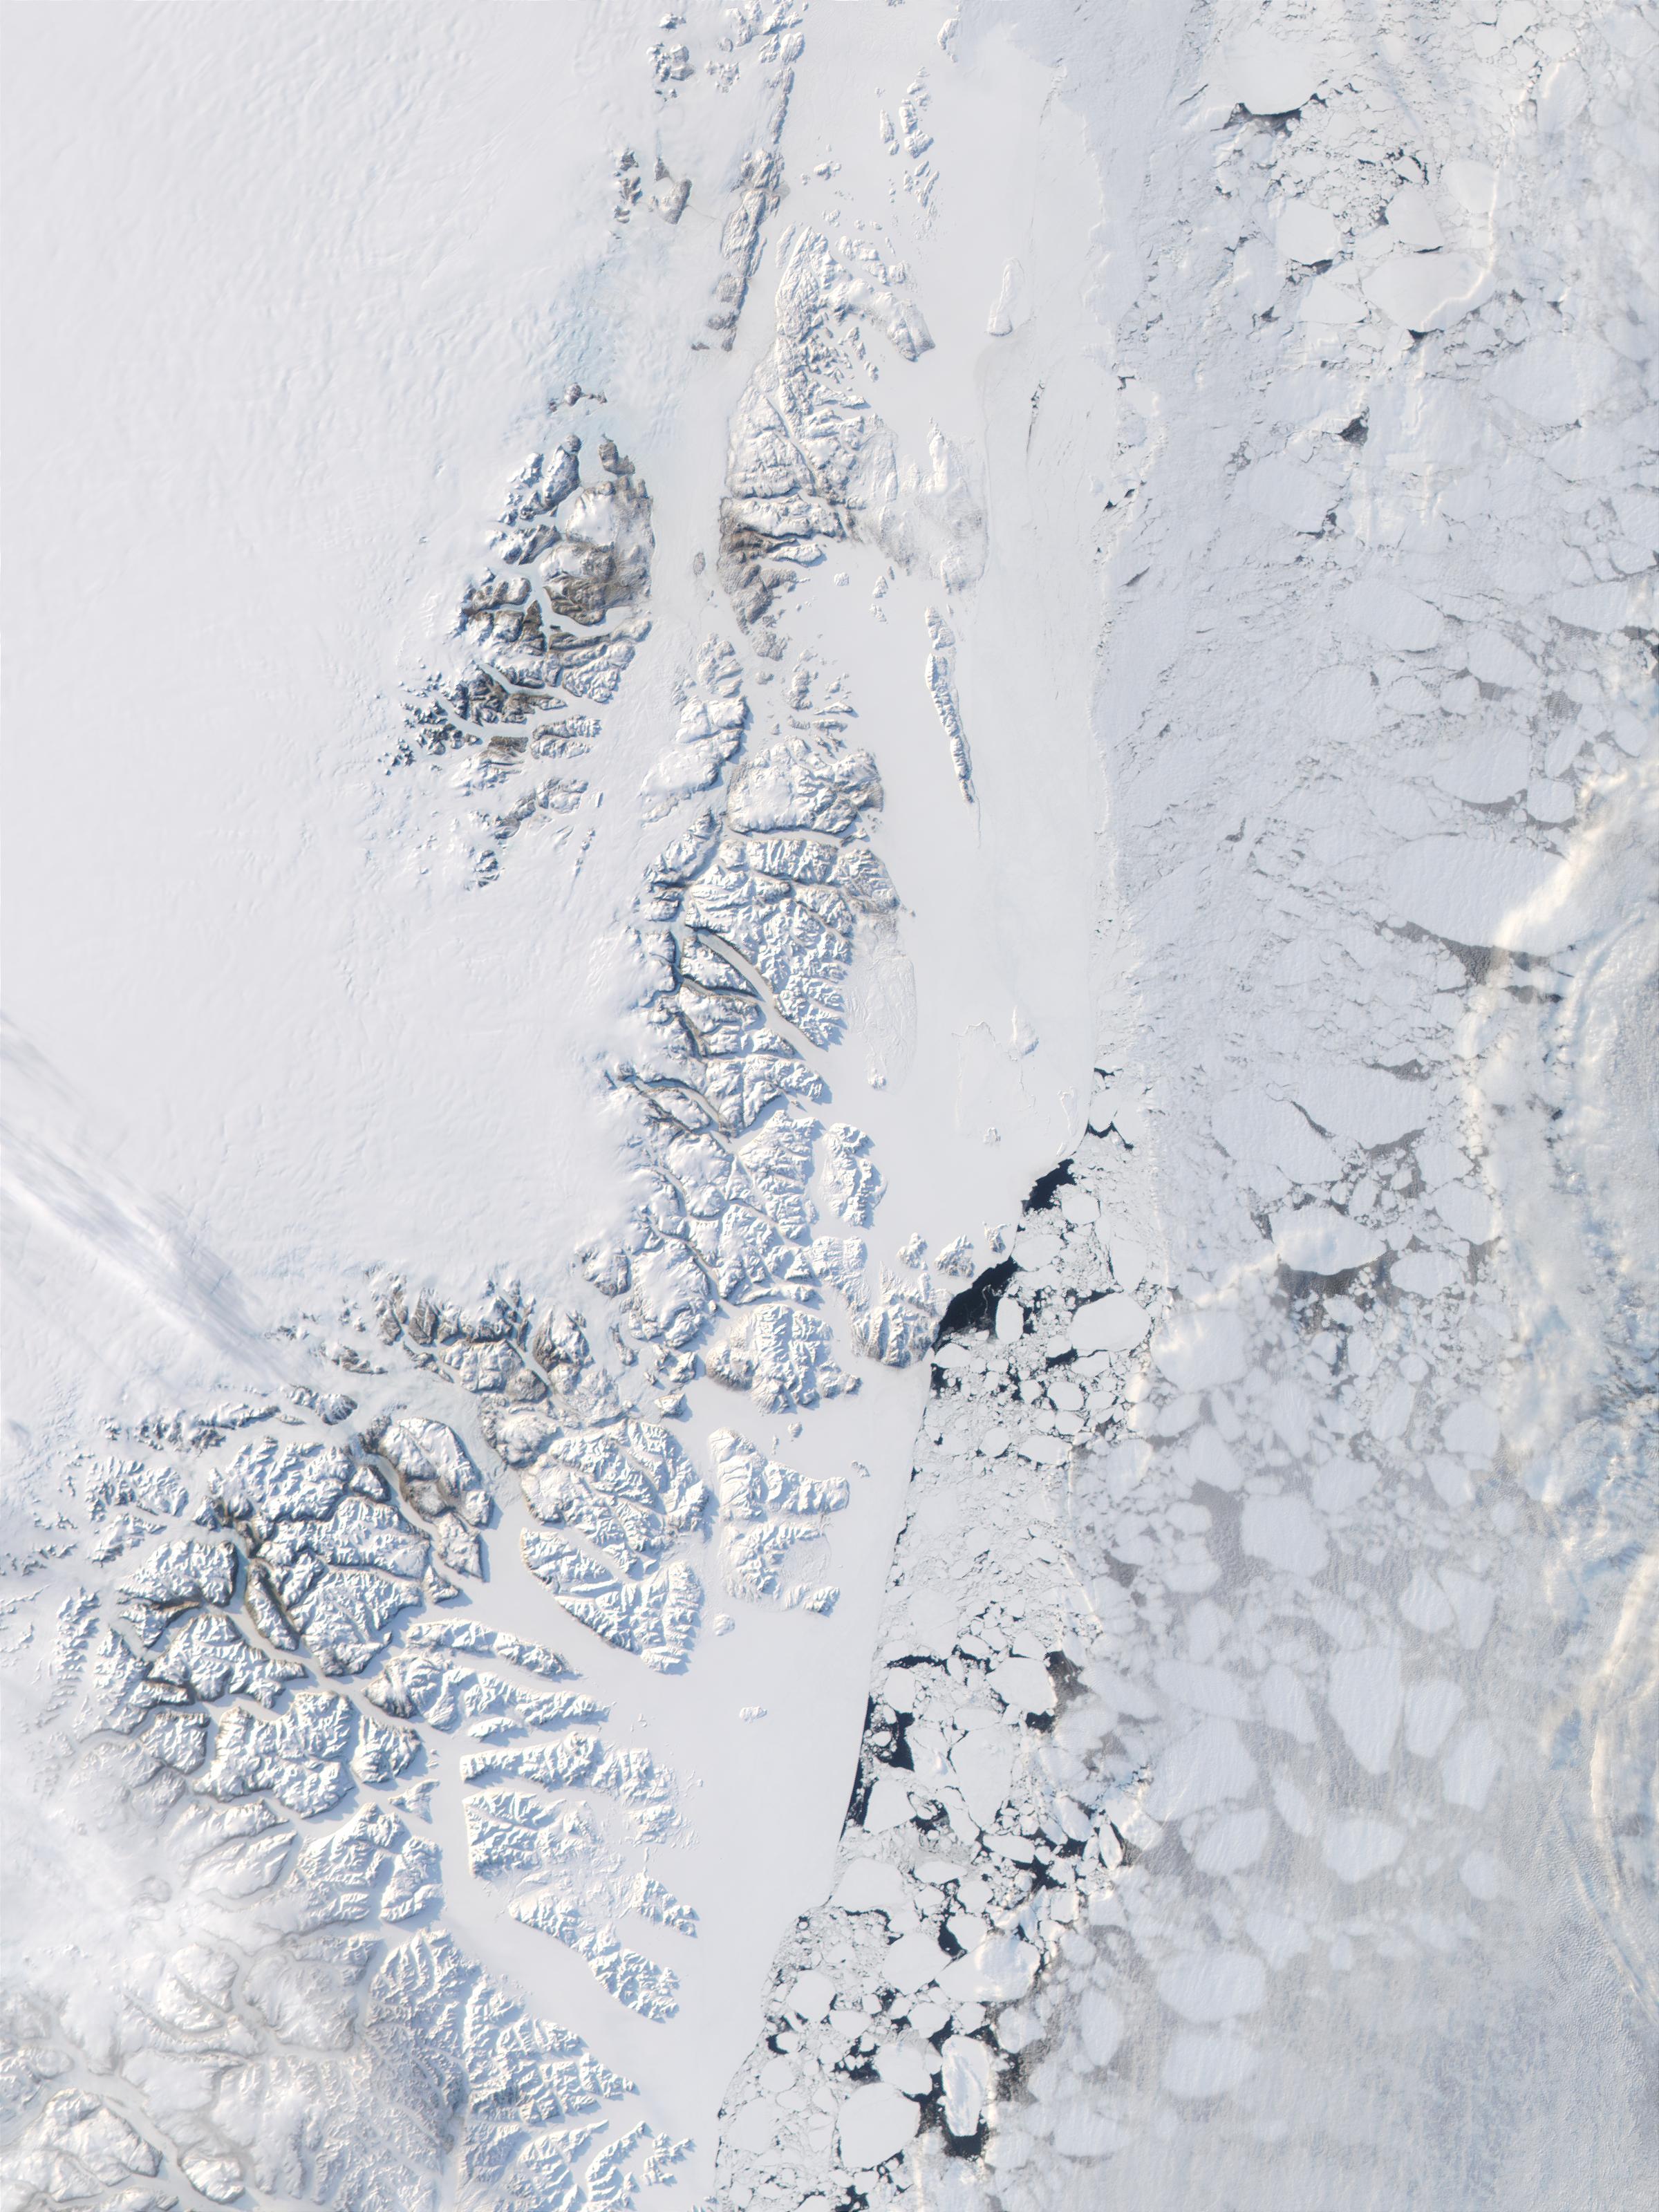 Costa oriental de Groenlandia y Mar de Groenlandia